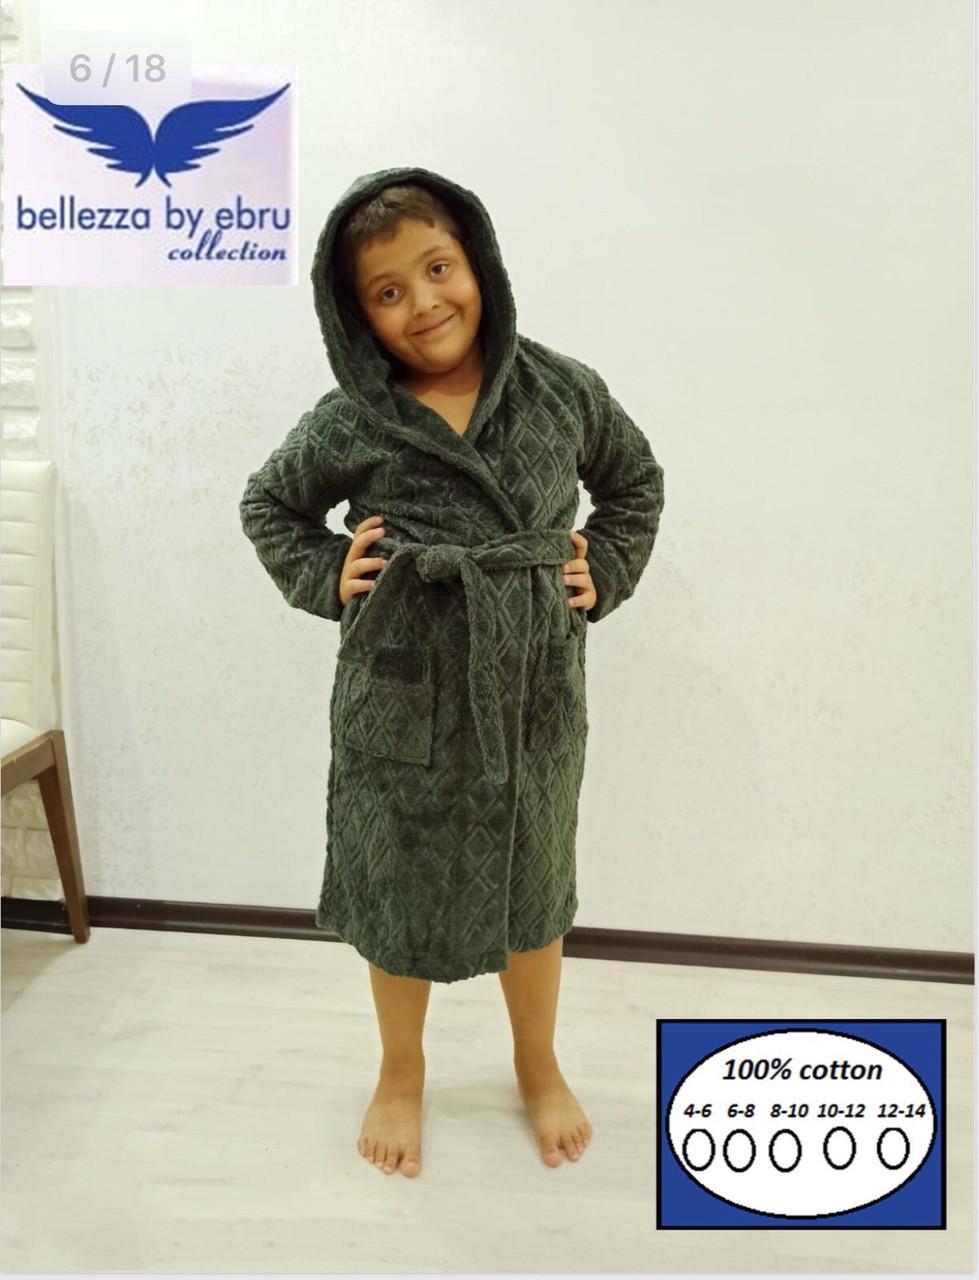 Детский Халат Для Мальчика Бамбуковый Bellezza By Ebru Турция Темно-Серого Цвета